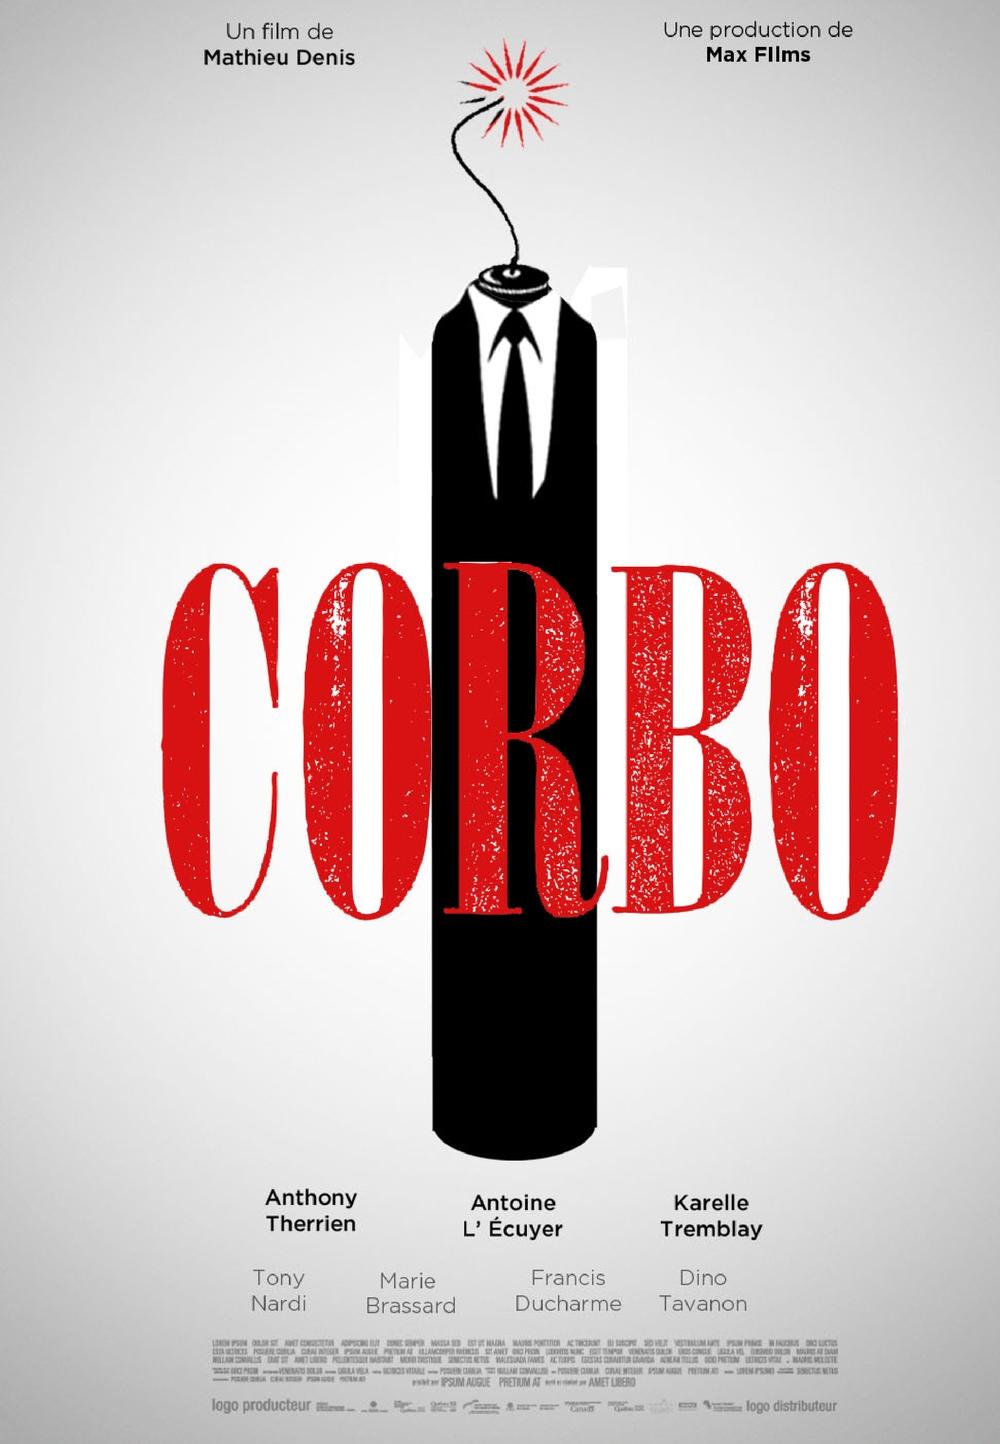 CORBO-Poster-RENZO-27oct_00020.jpg